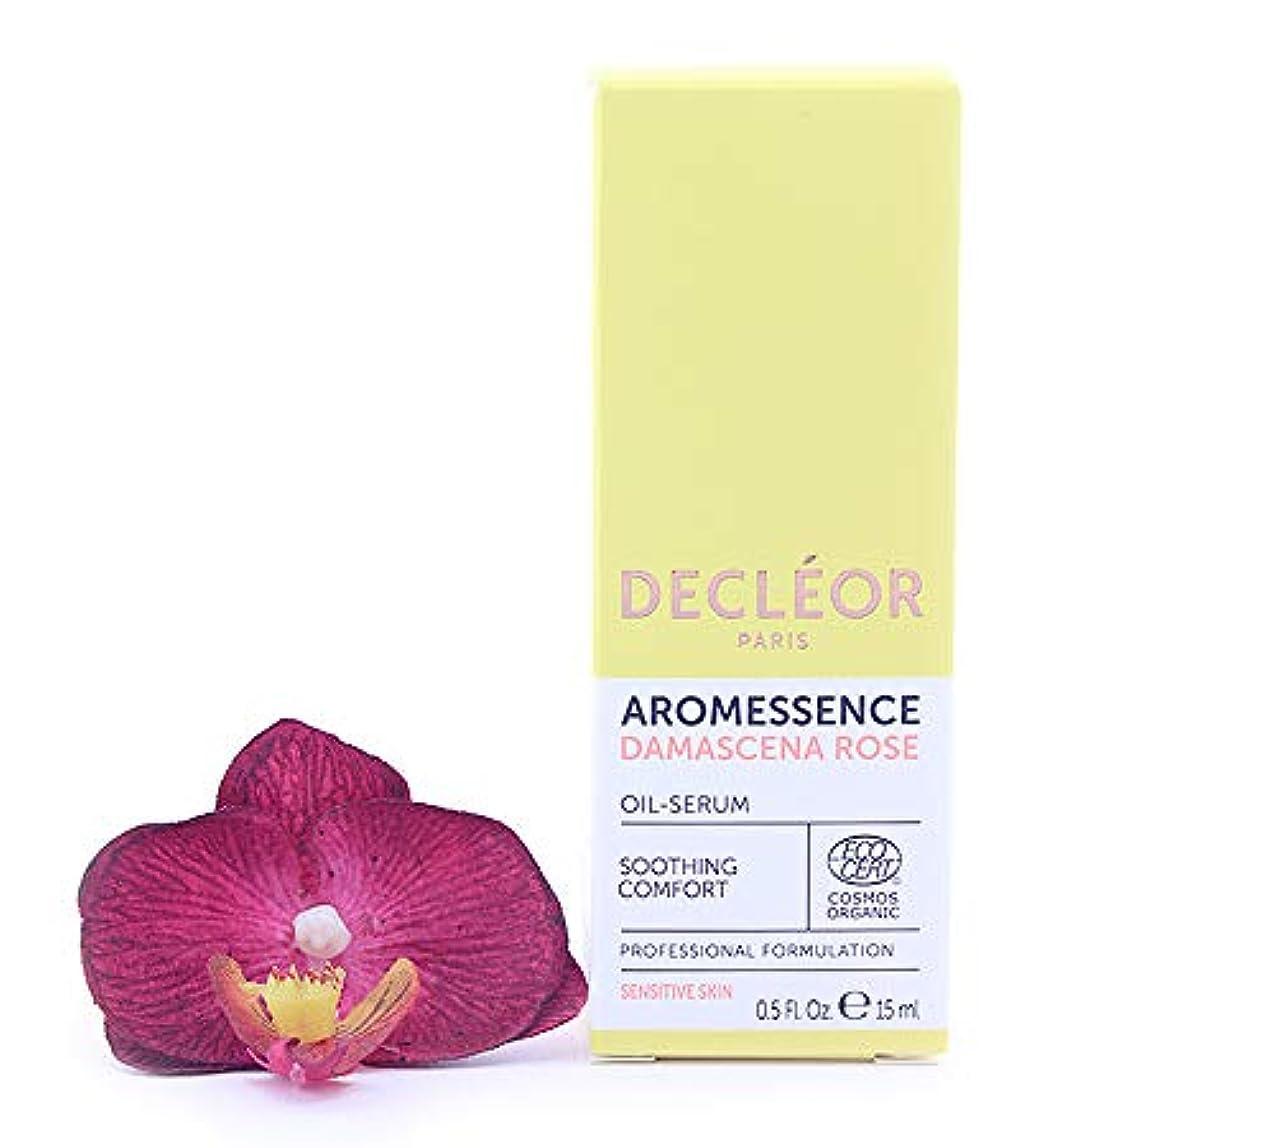 神秘試みる法律デクレオール Aromessence Rose D'Orient (Damascena Rose) Soothing Comfort Oil Serum 15ml/0.5oz並行輸入品